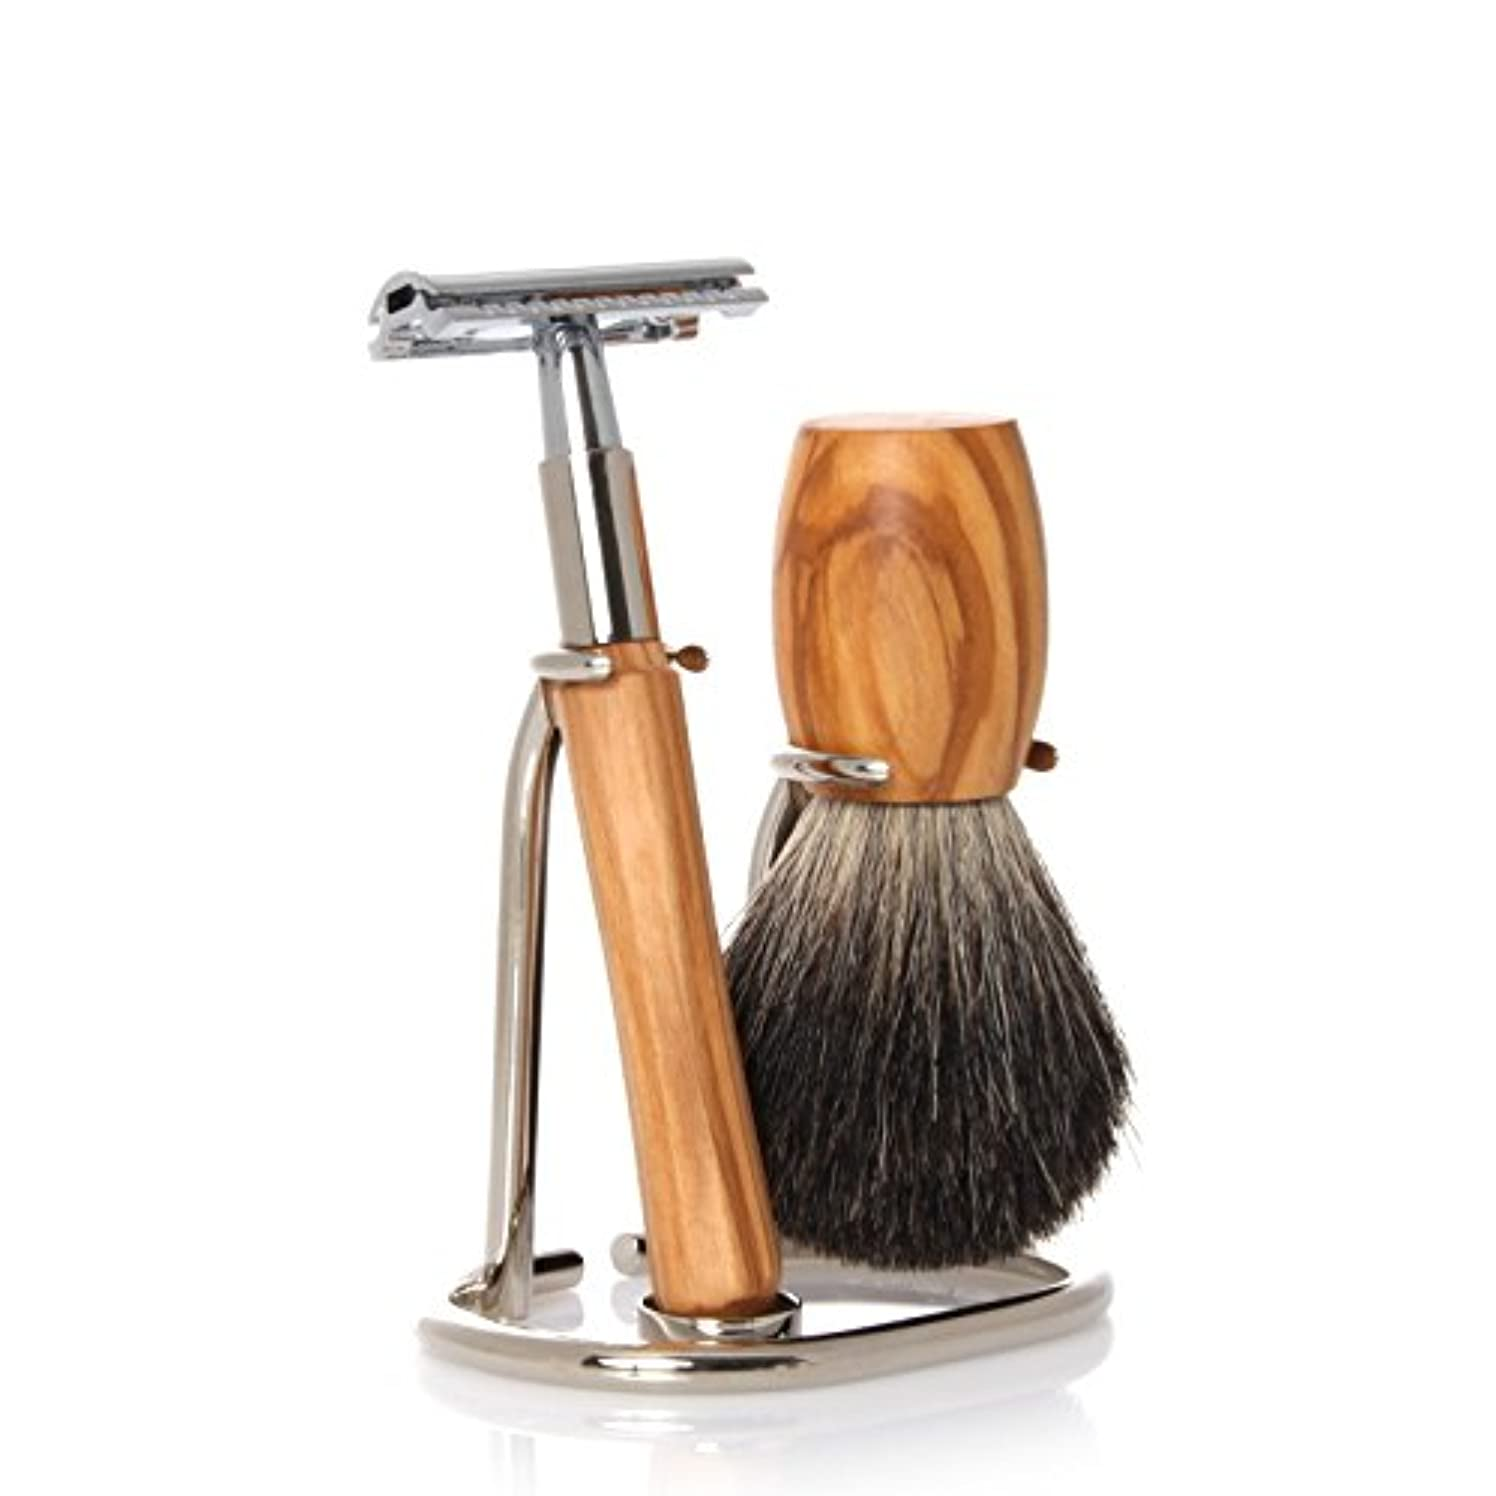 コンクリート苦情文句アブストラクトGOLDDACHS Shaving Set, Safety razor, 100% badger hair, olive wood